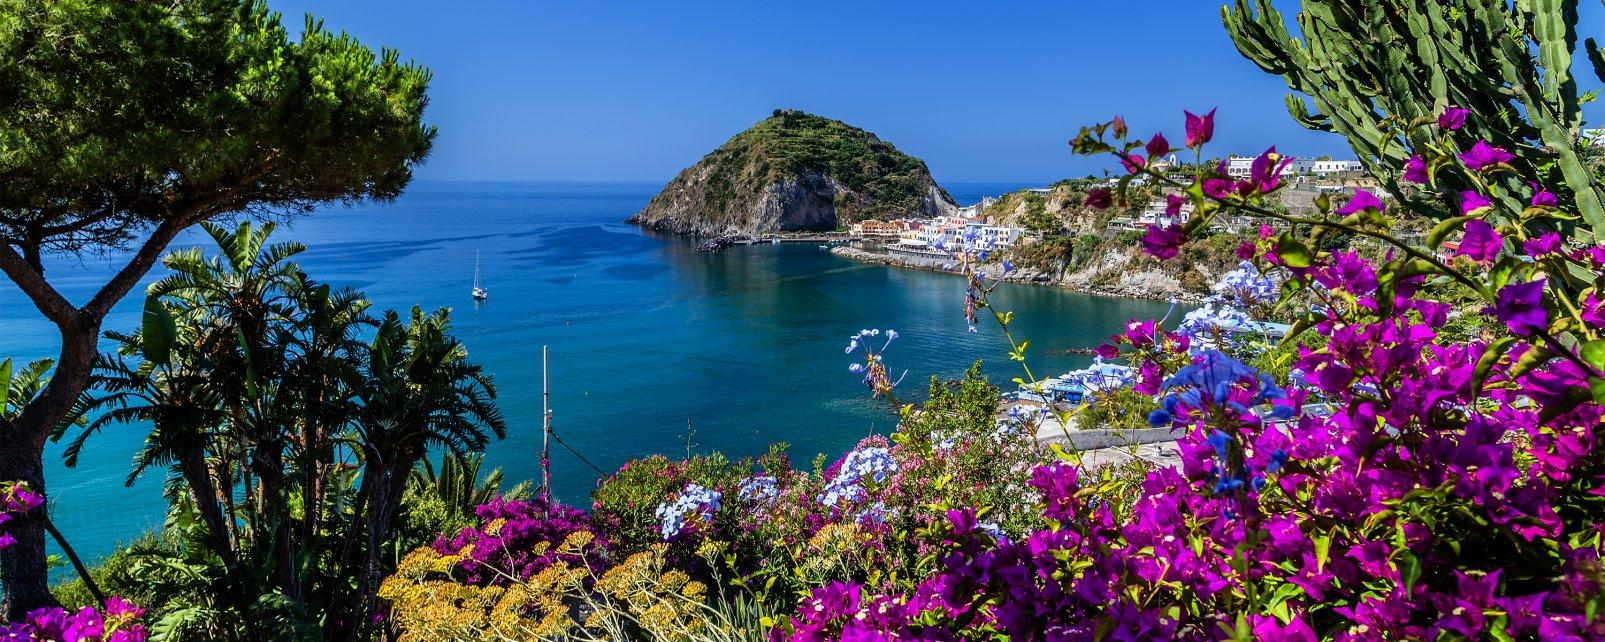 Ischia, Campania, Italia,